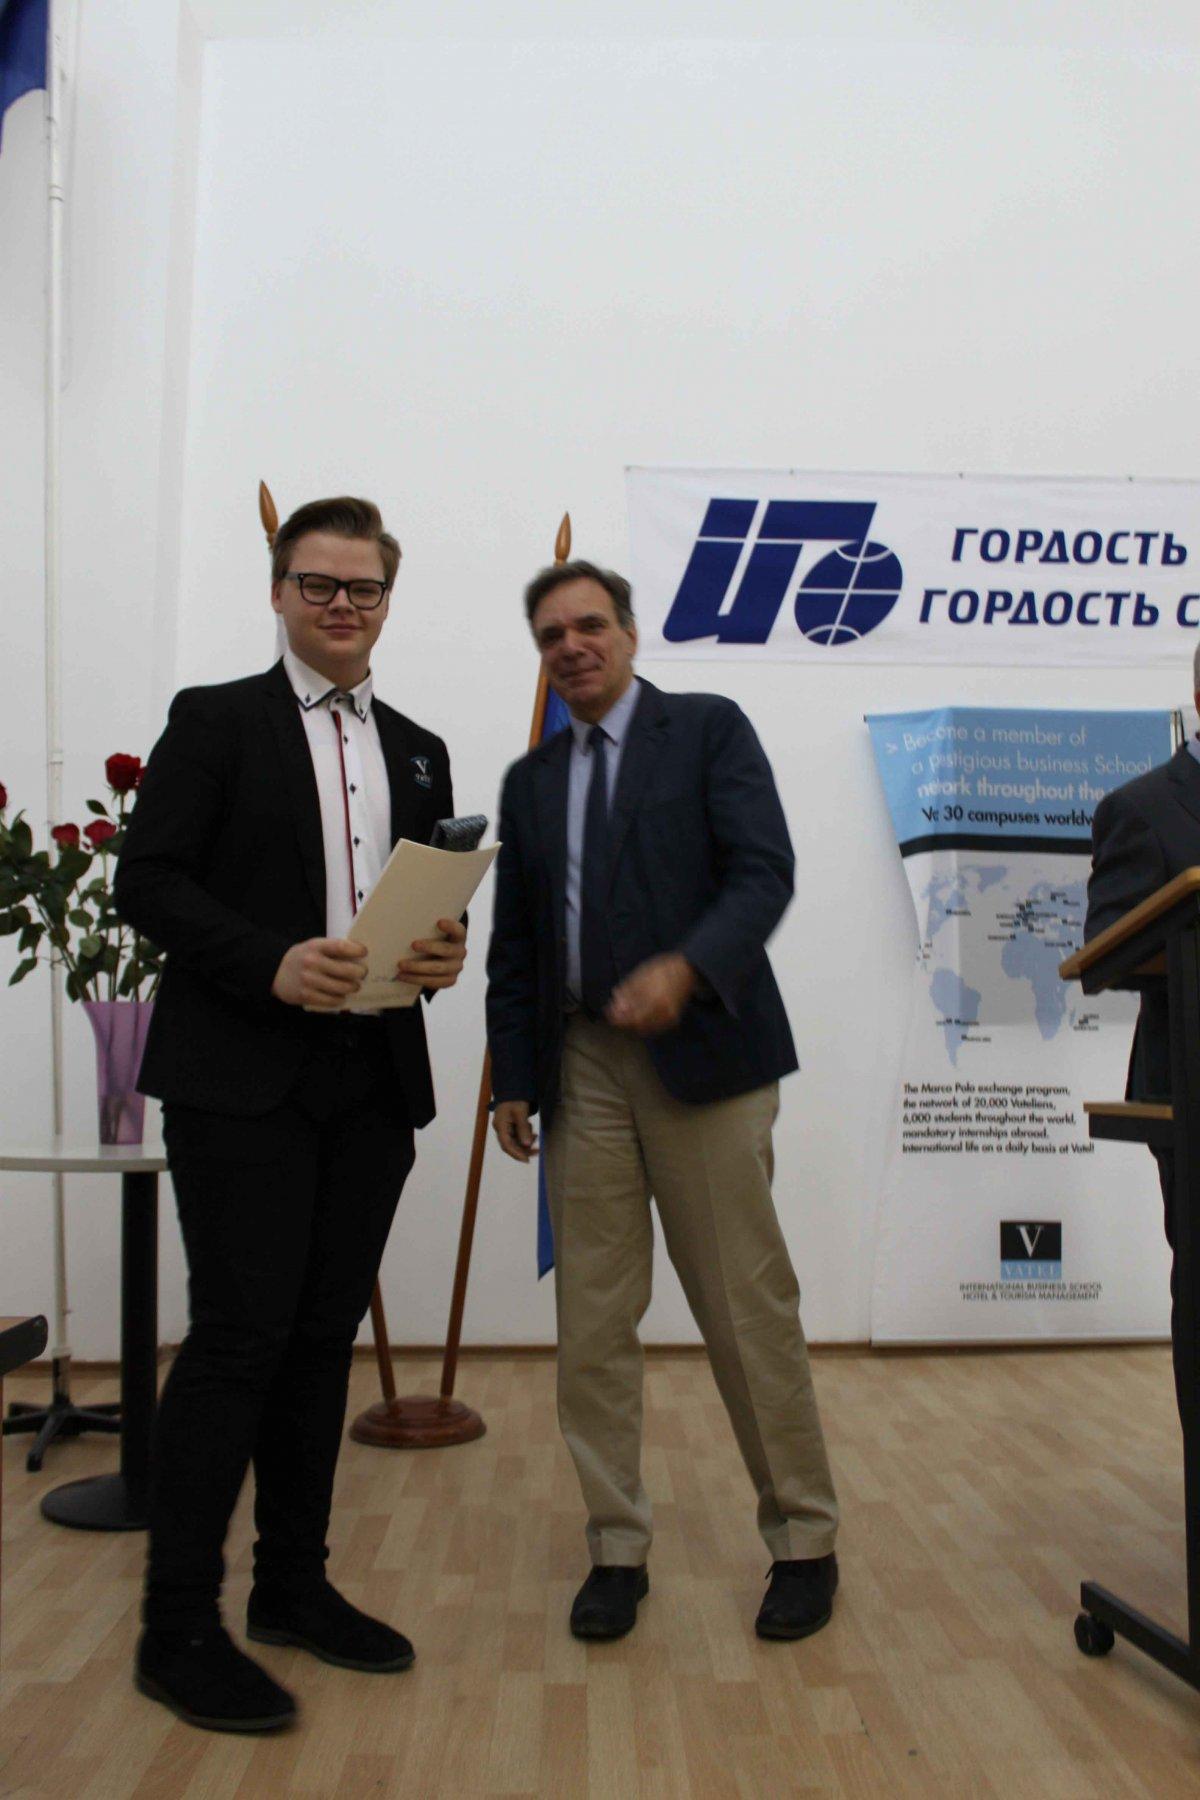 Vatel МОСКВА (Moscow) - Торжественная церемония приема студентов 1-го  курса набор 2017 - 17